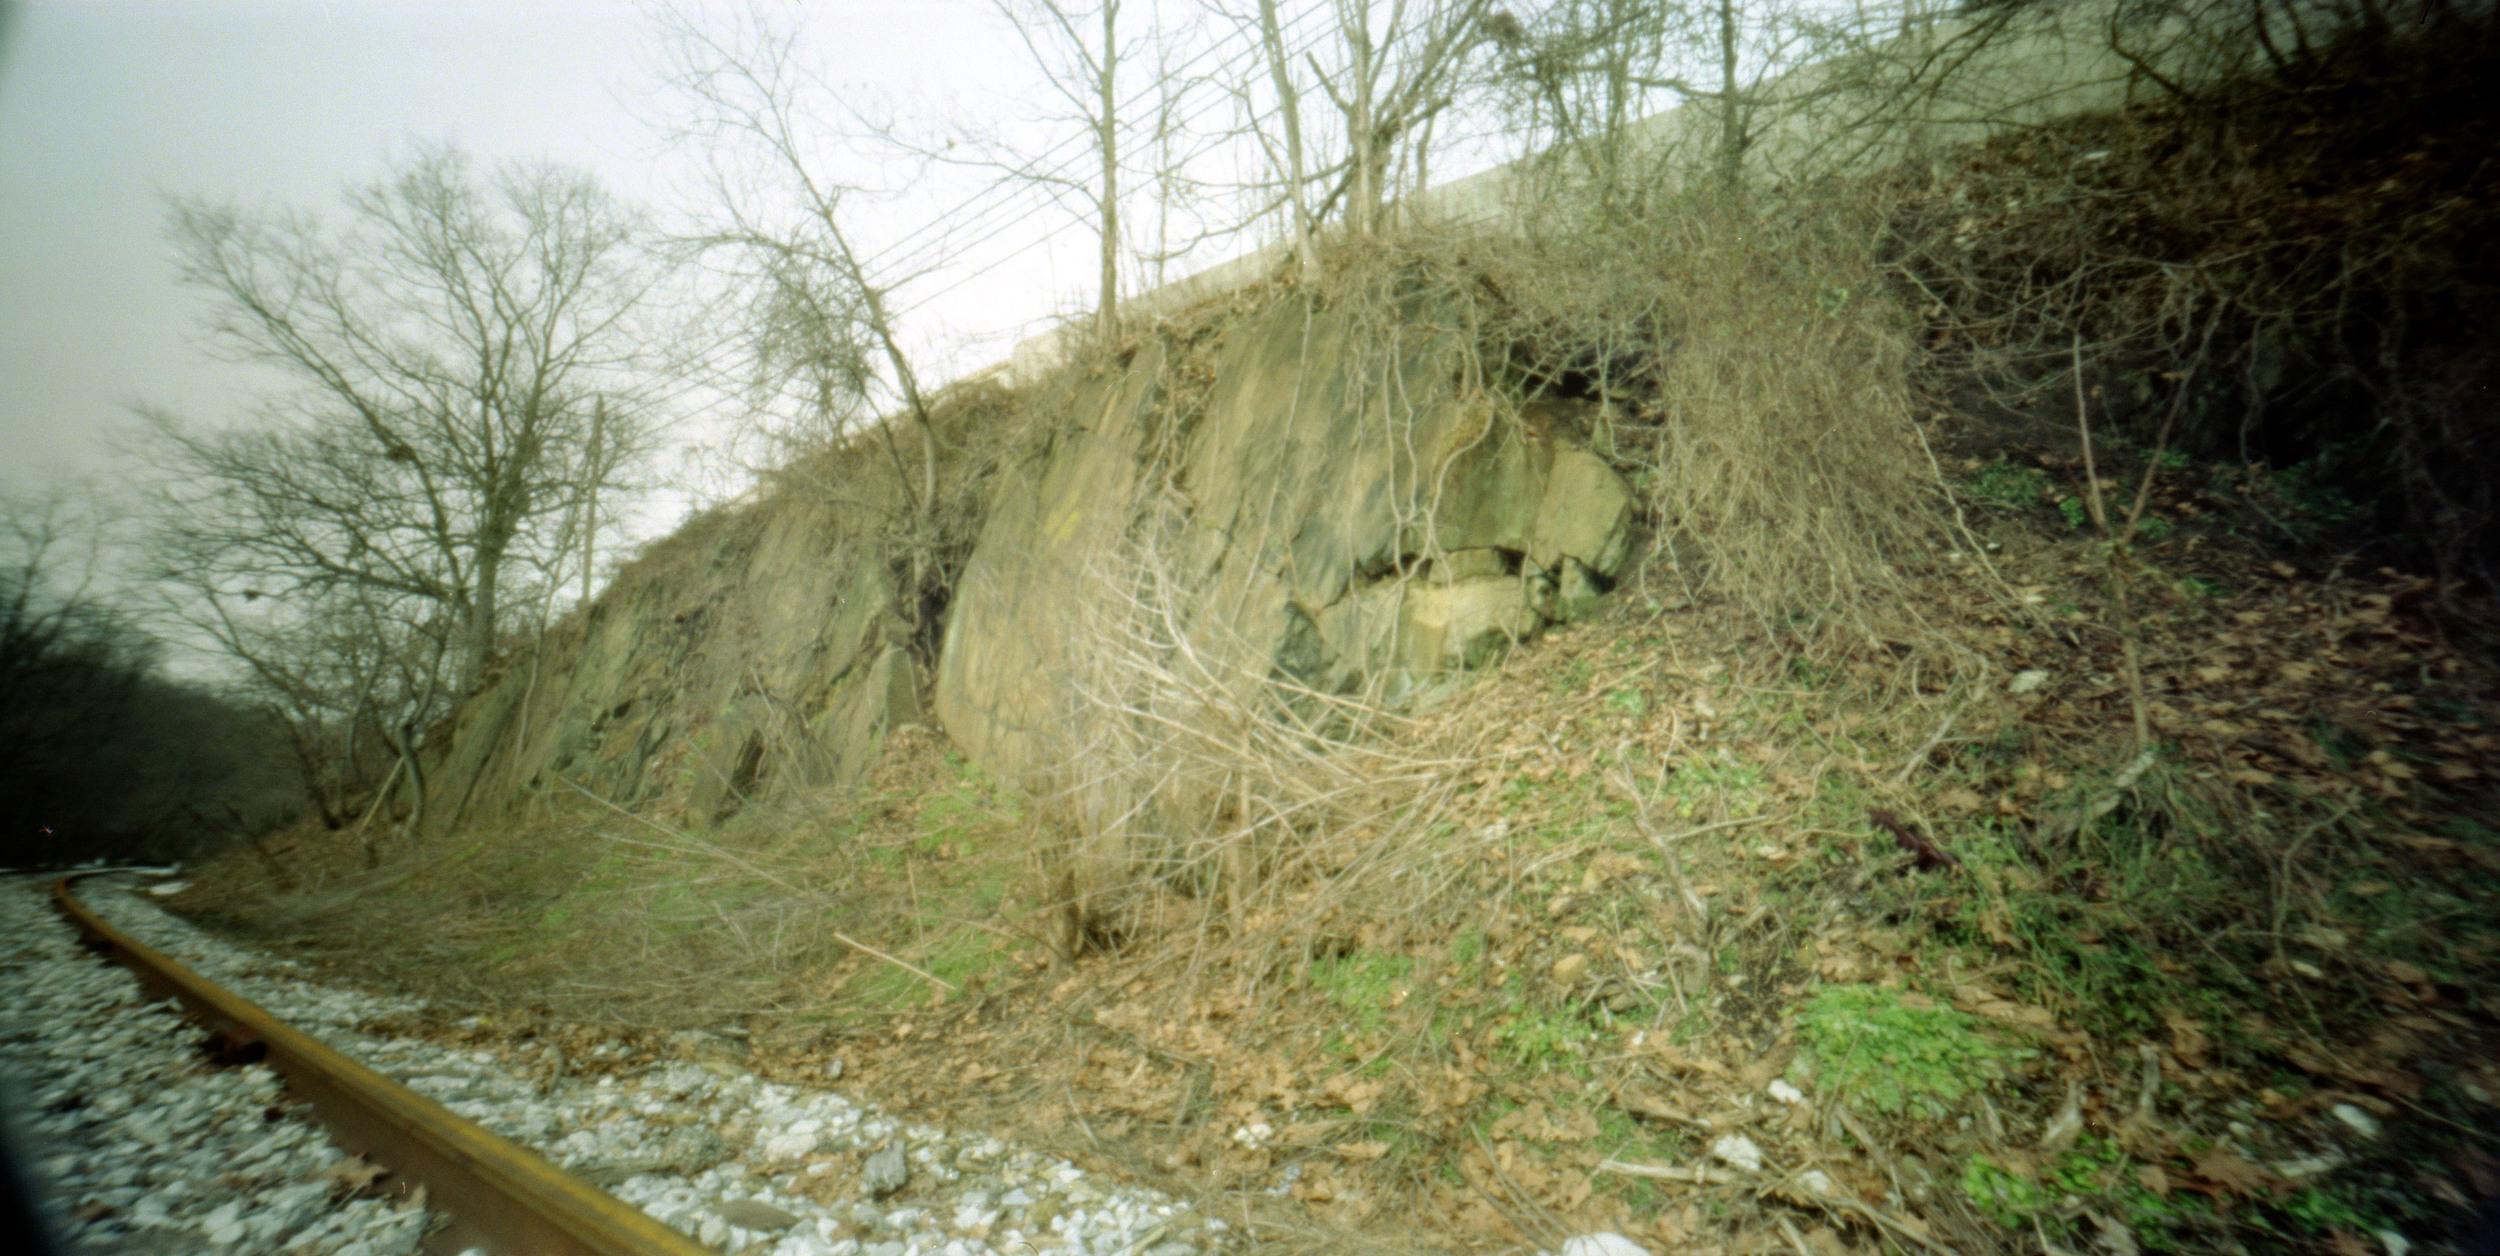 rocks_by_railroad.jpg